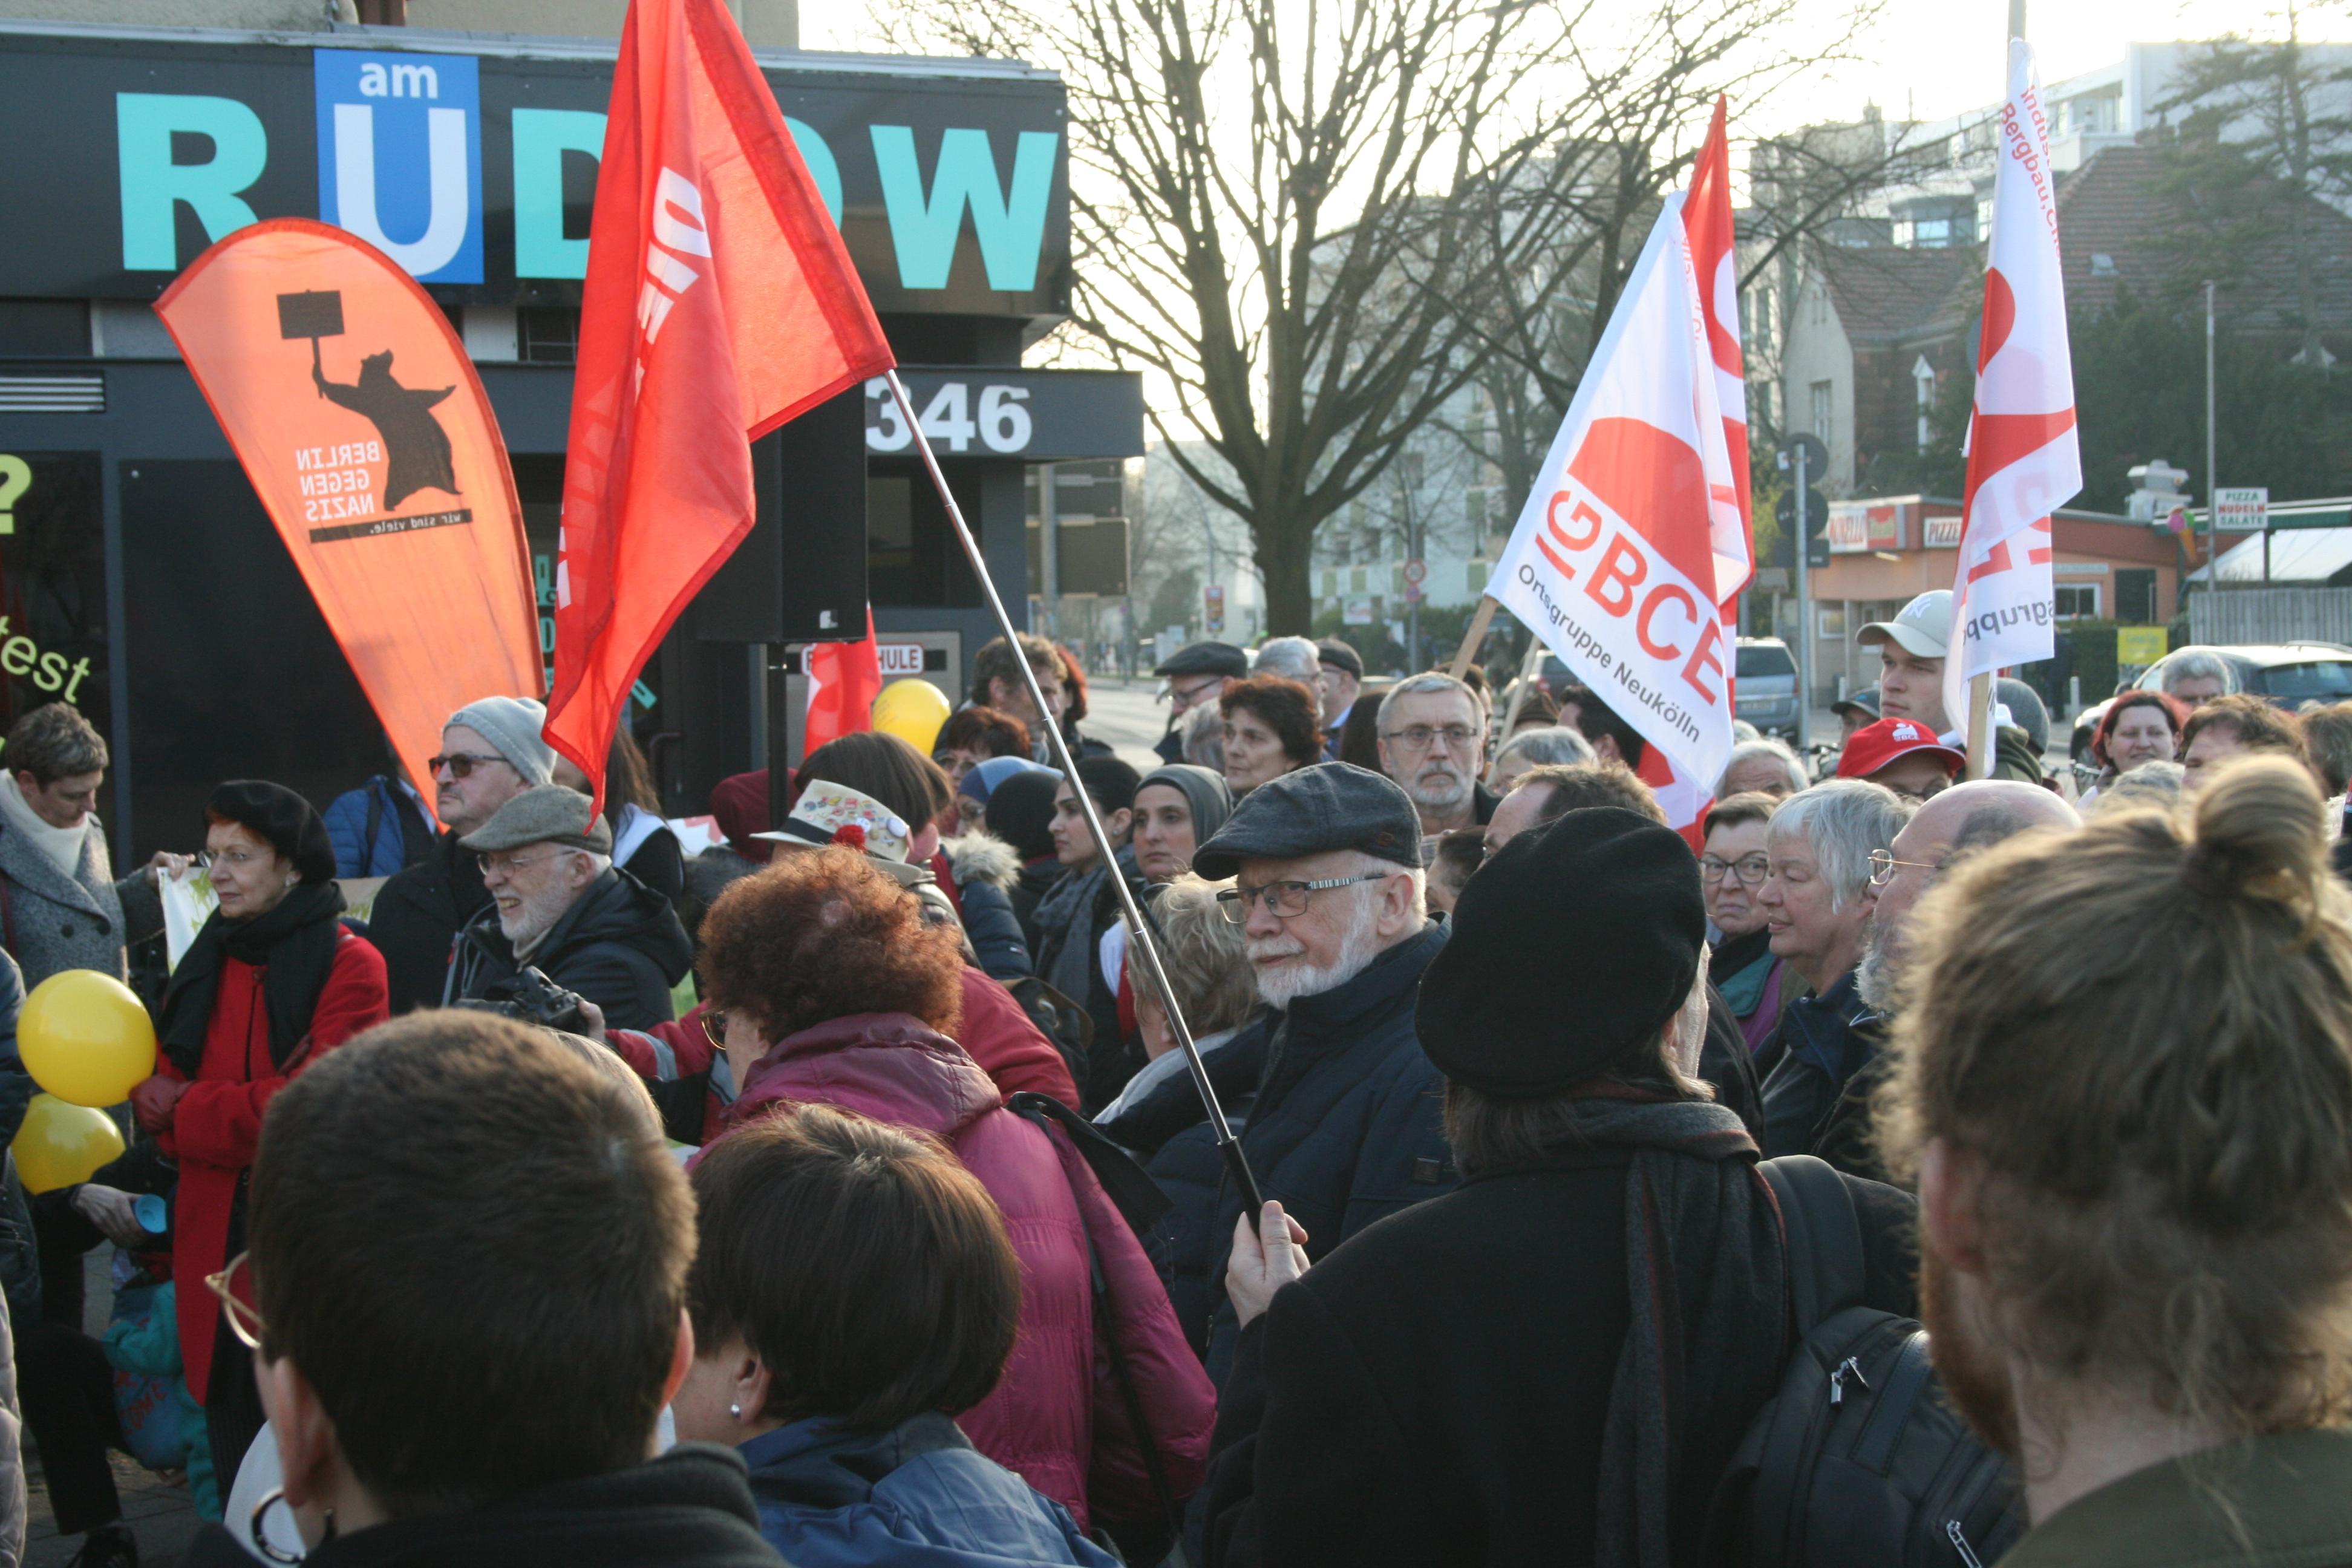 Rudow gegen Rassismus 4